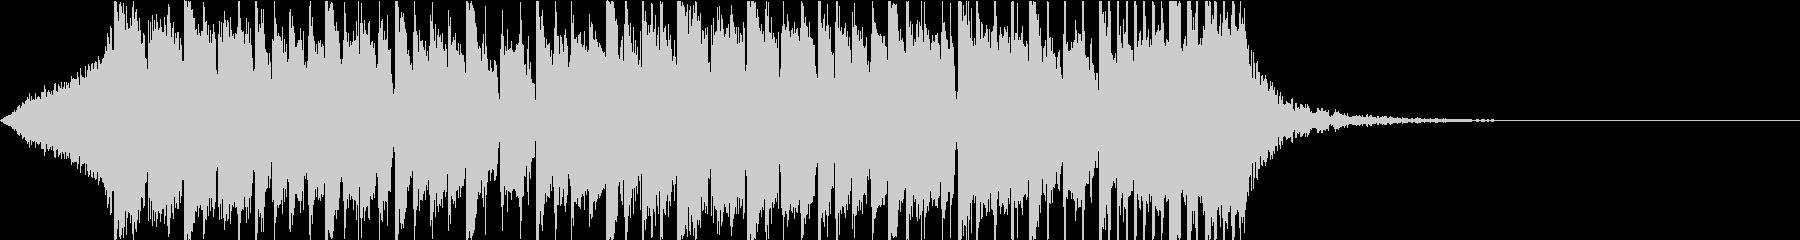 ダブステップ 重低音 ジングルの未再生の波形